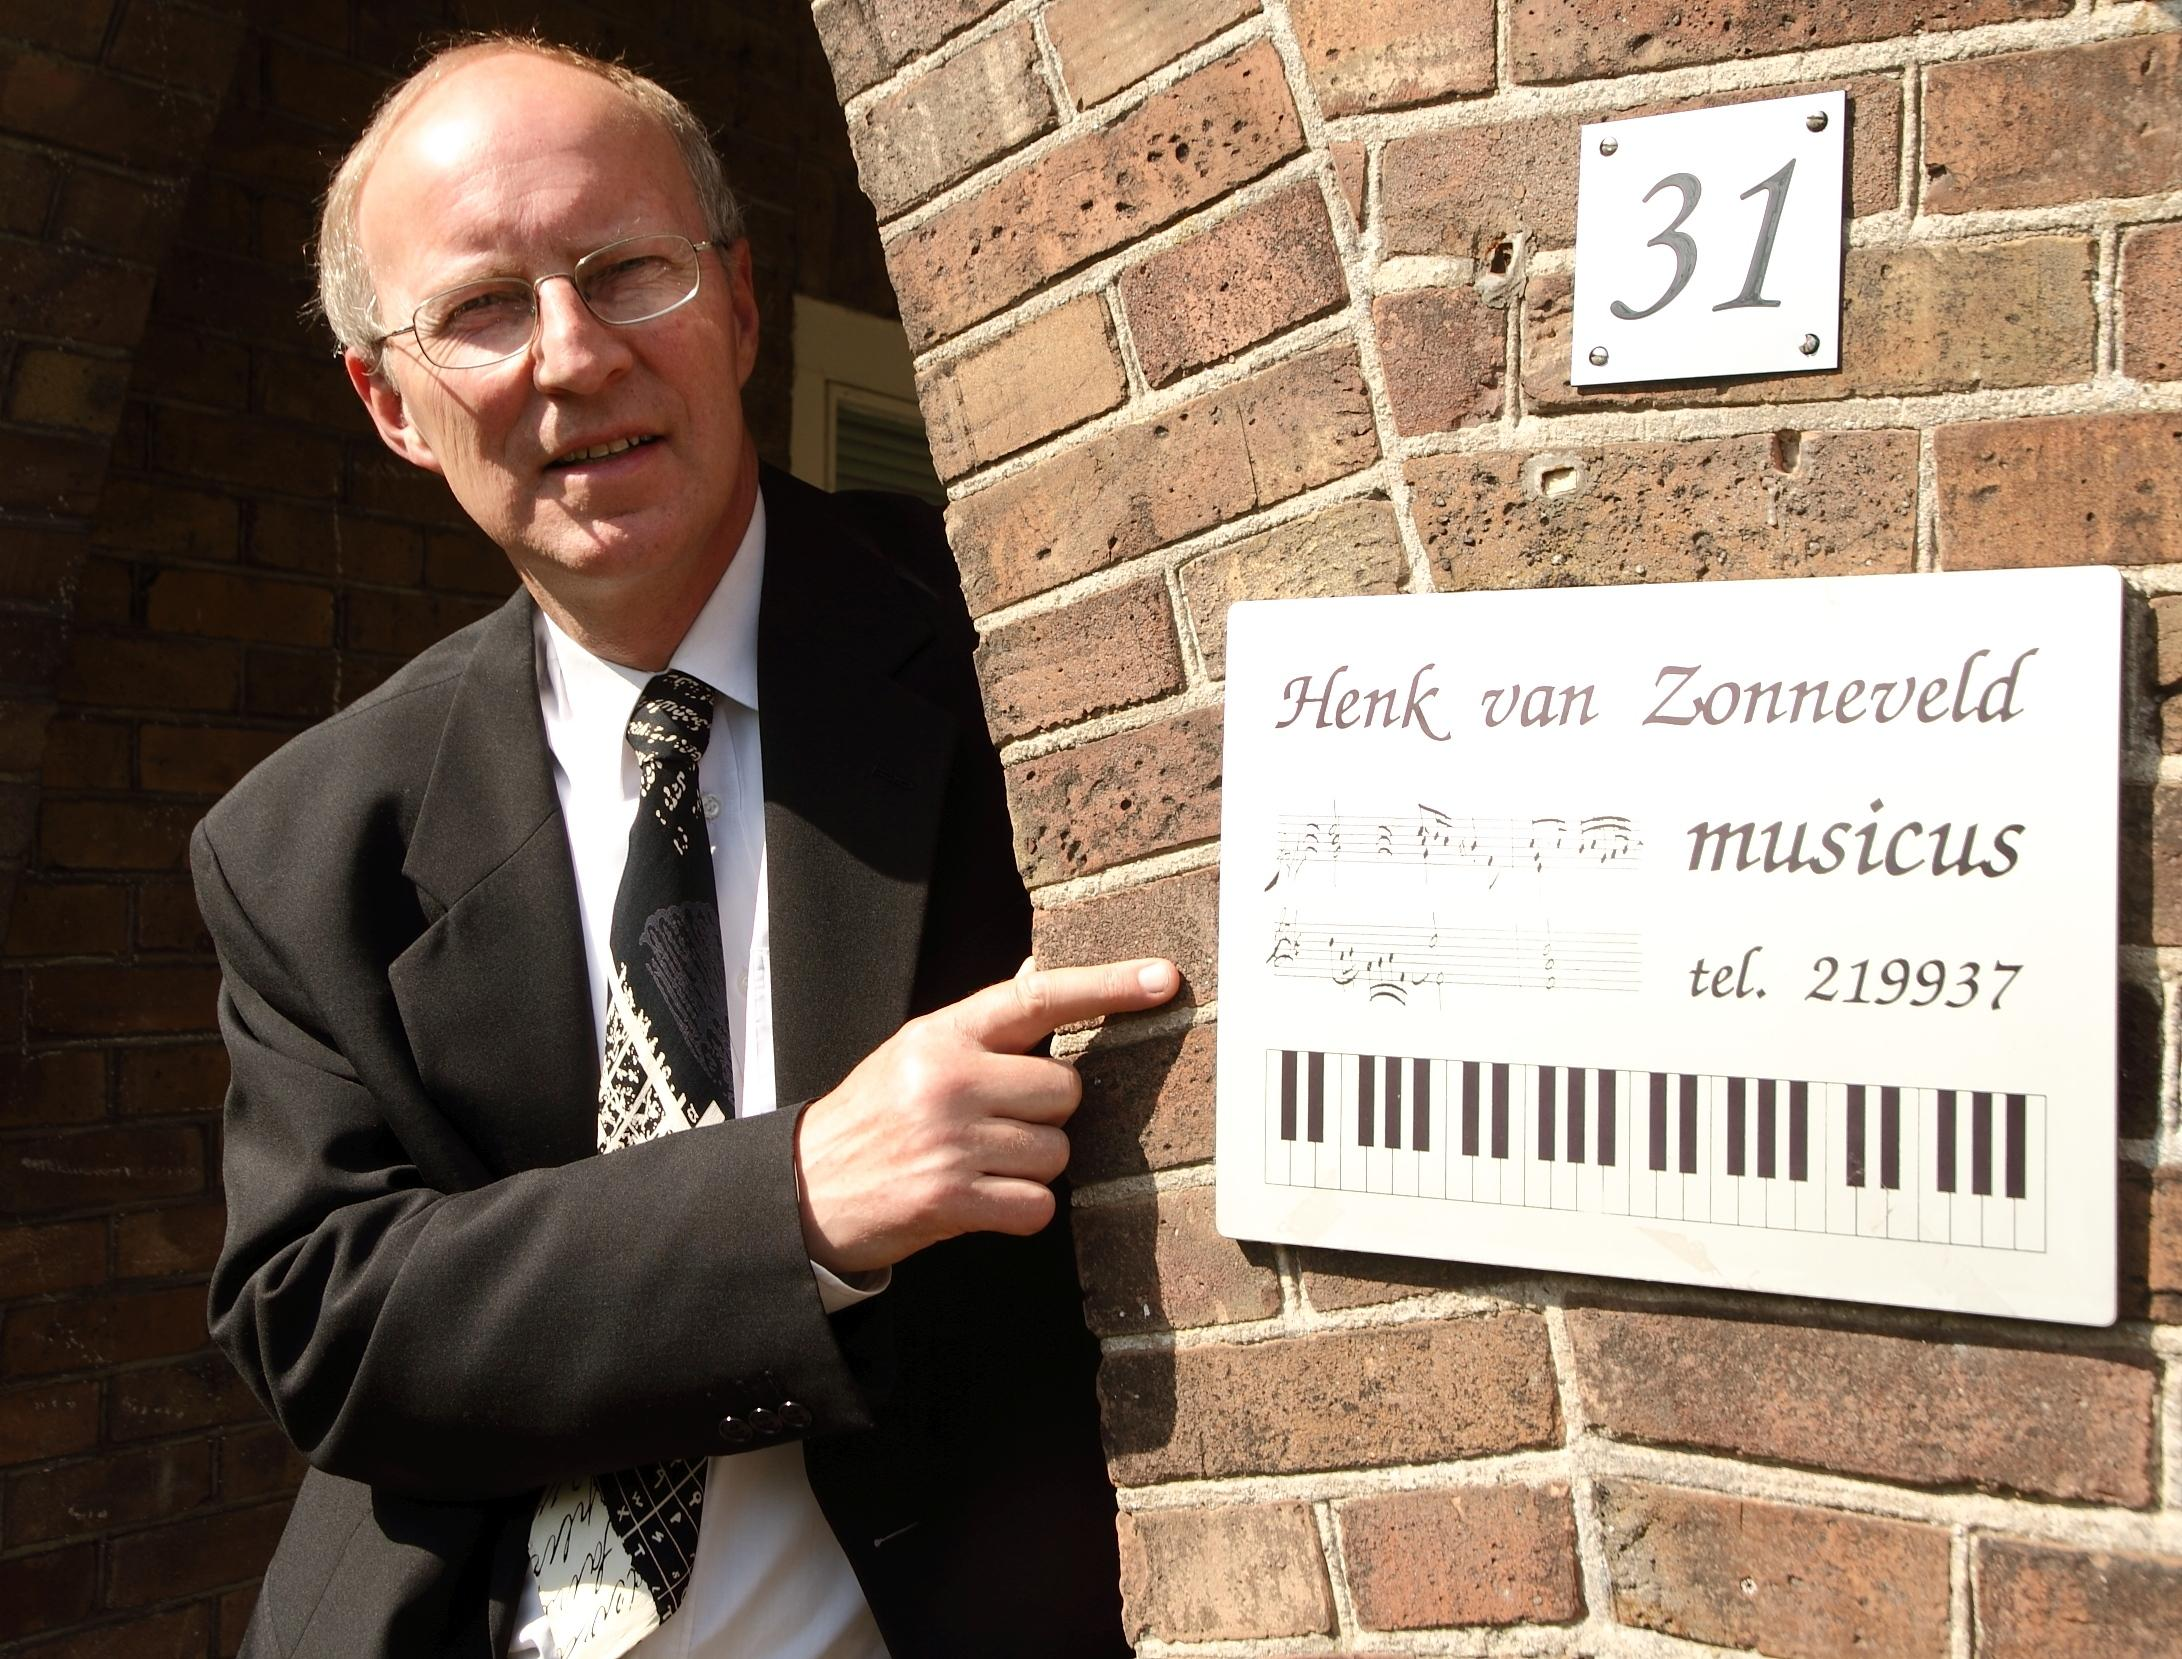 'Eigen muziekfestival' Henk van Zonneveld in achtertuin